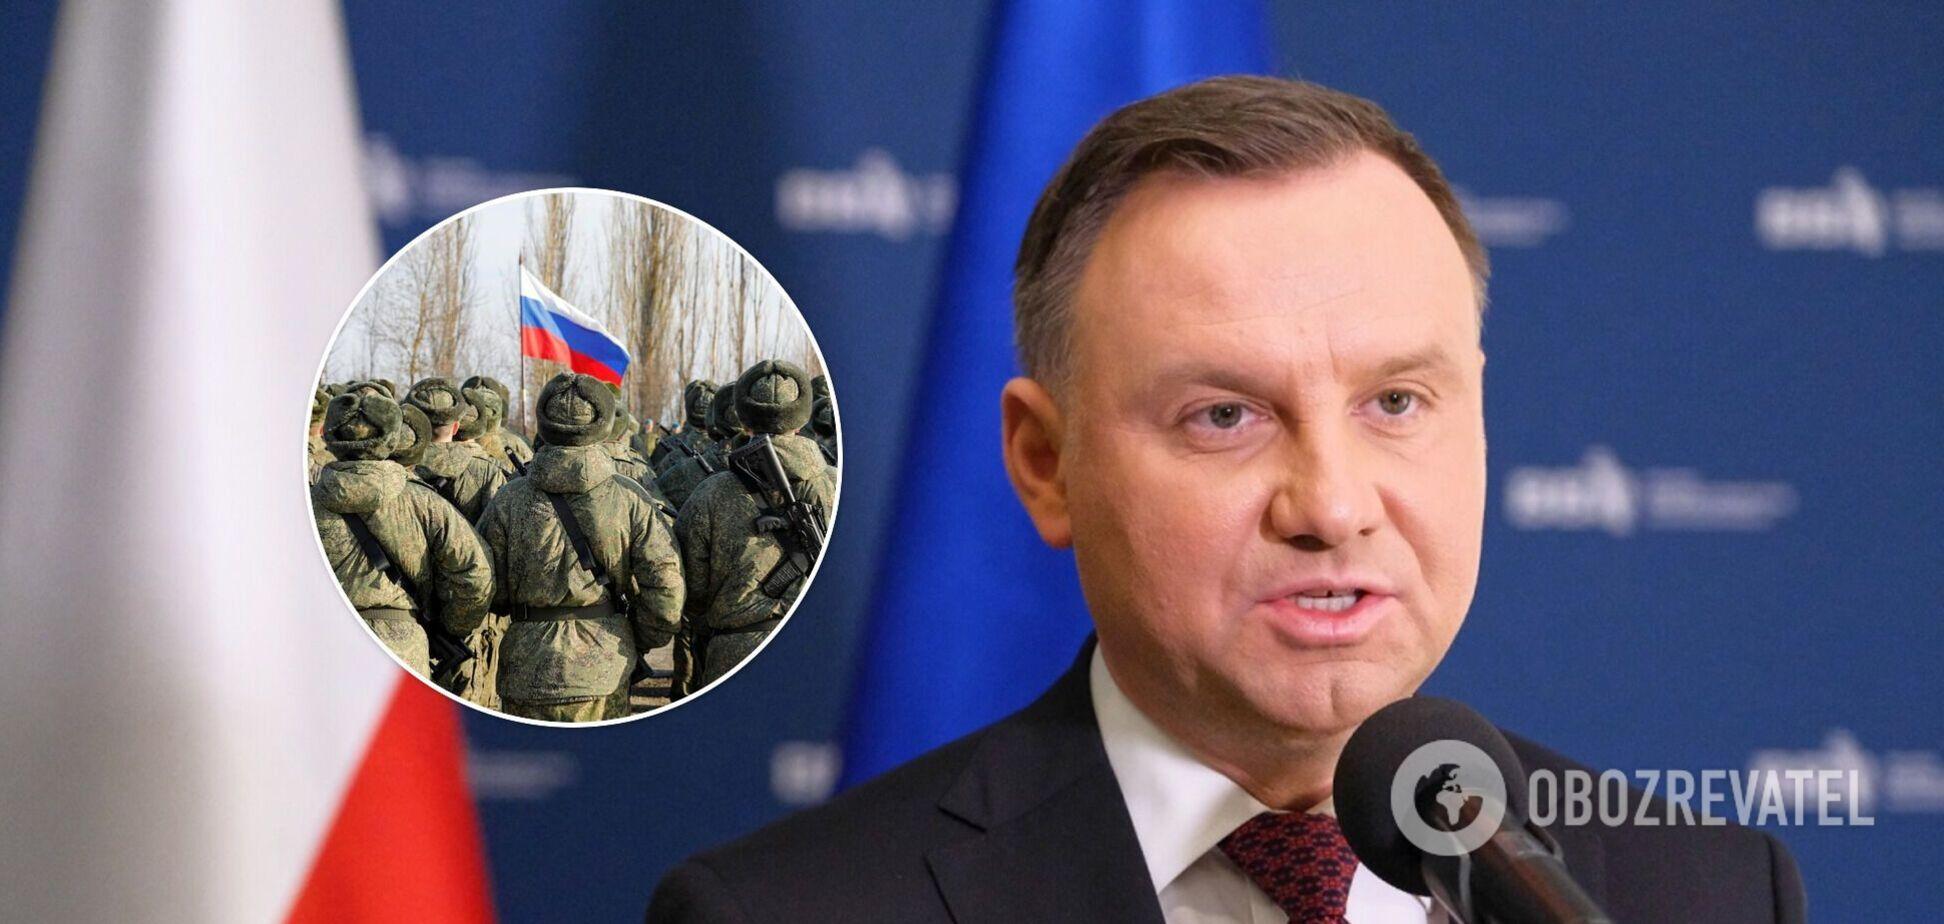 Дуда скликав керівництво військових і спецслужб через війська РФ біля кордонів України